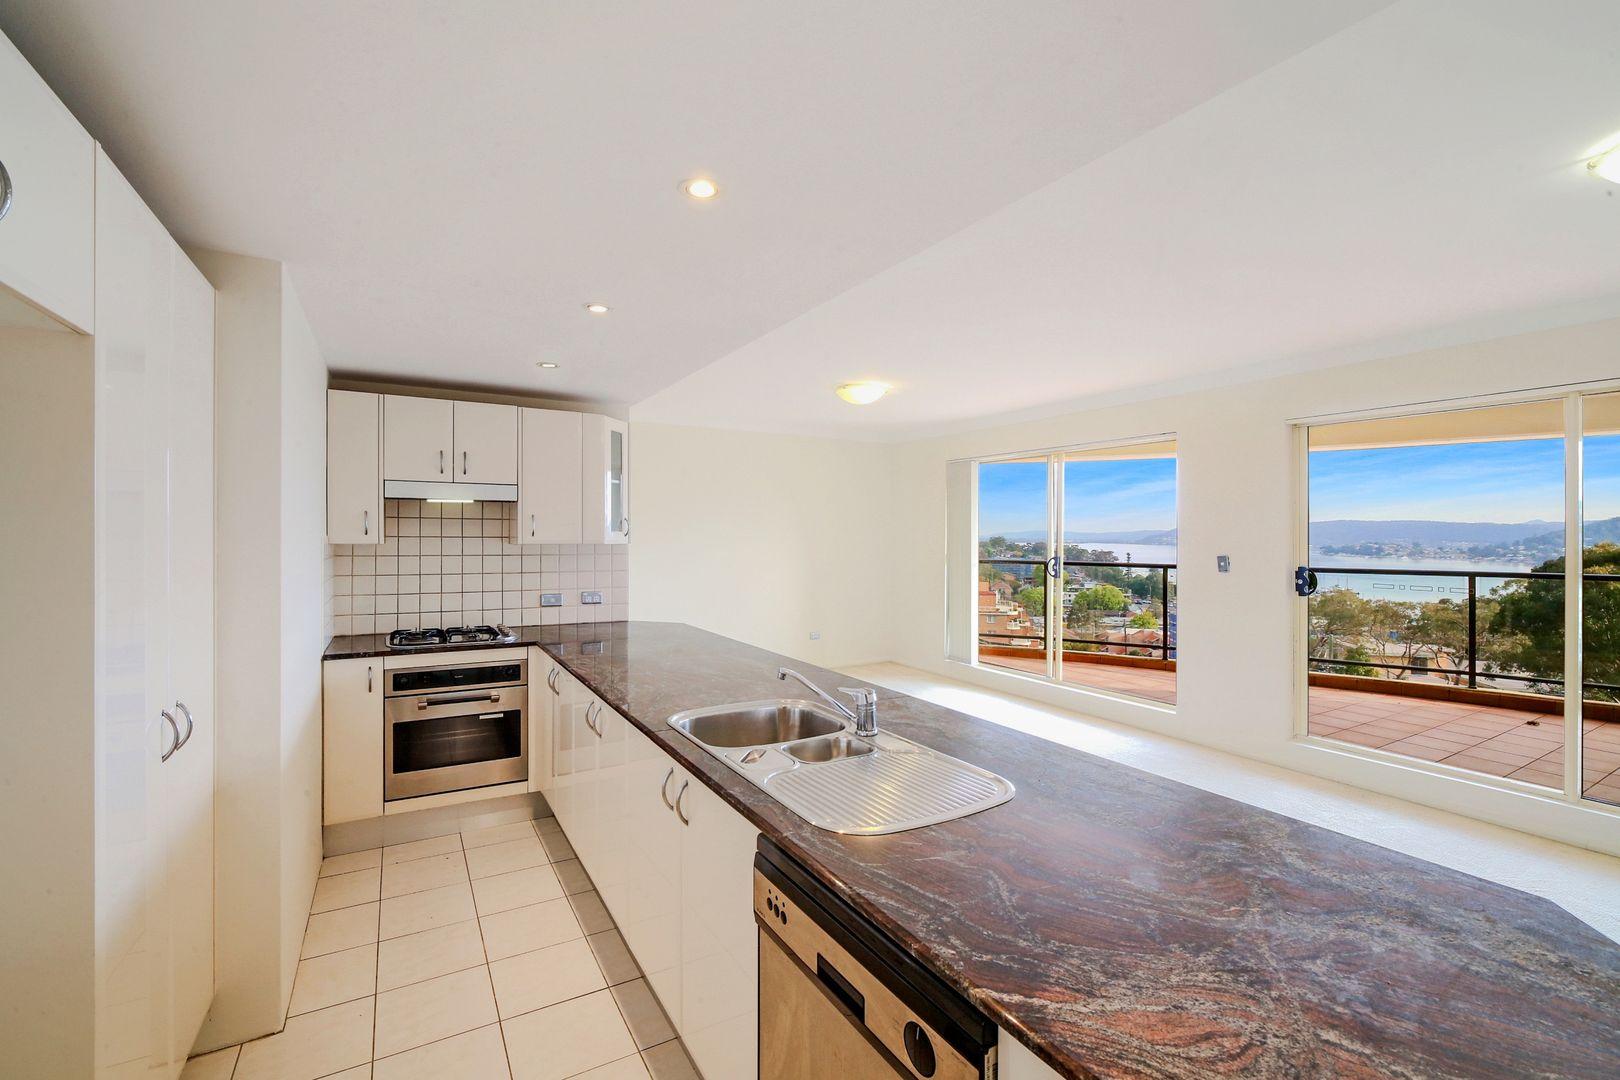 44/92 John Whiteway Drive, Gosford NSW 2250, Image 0